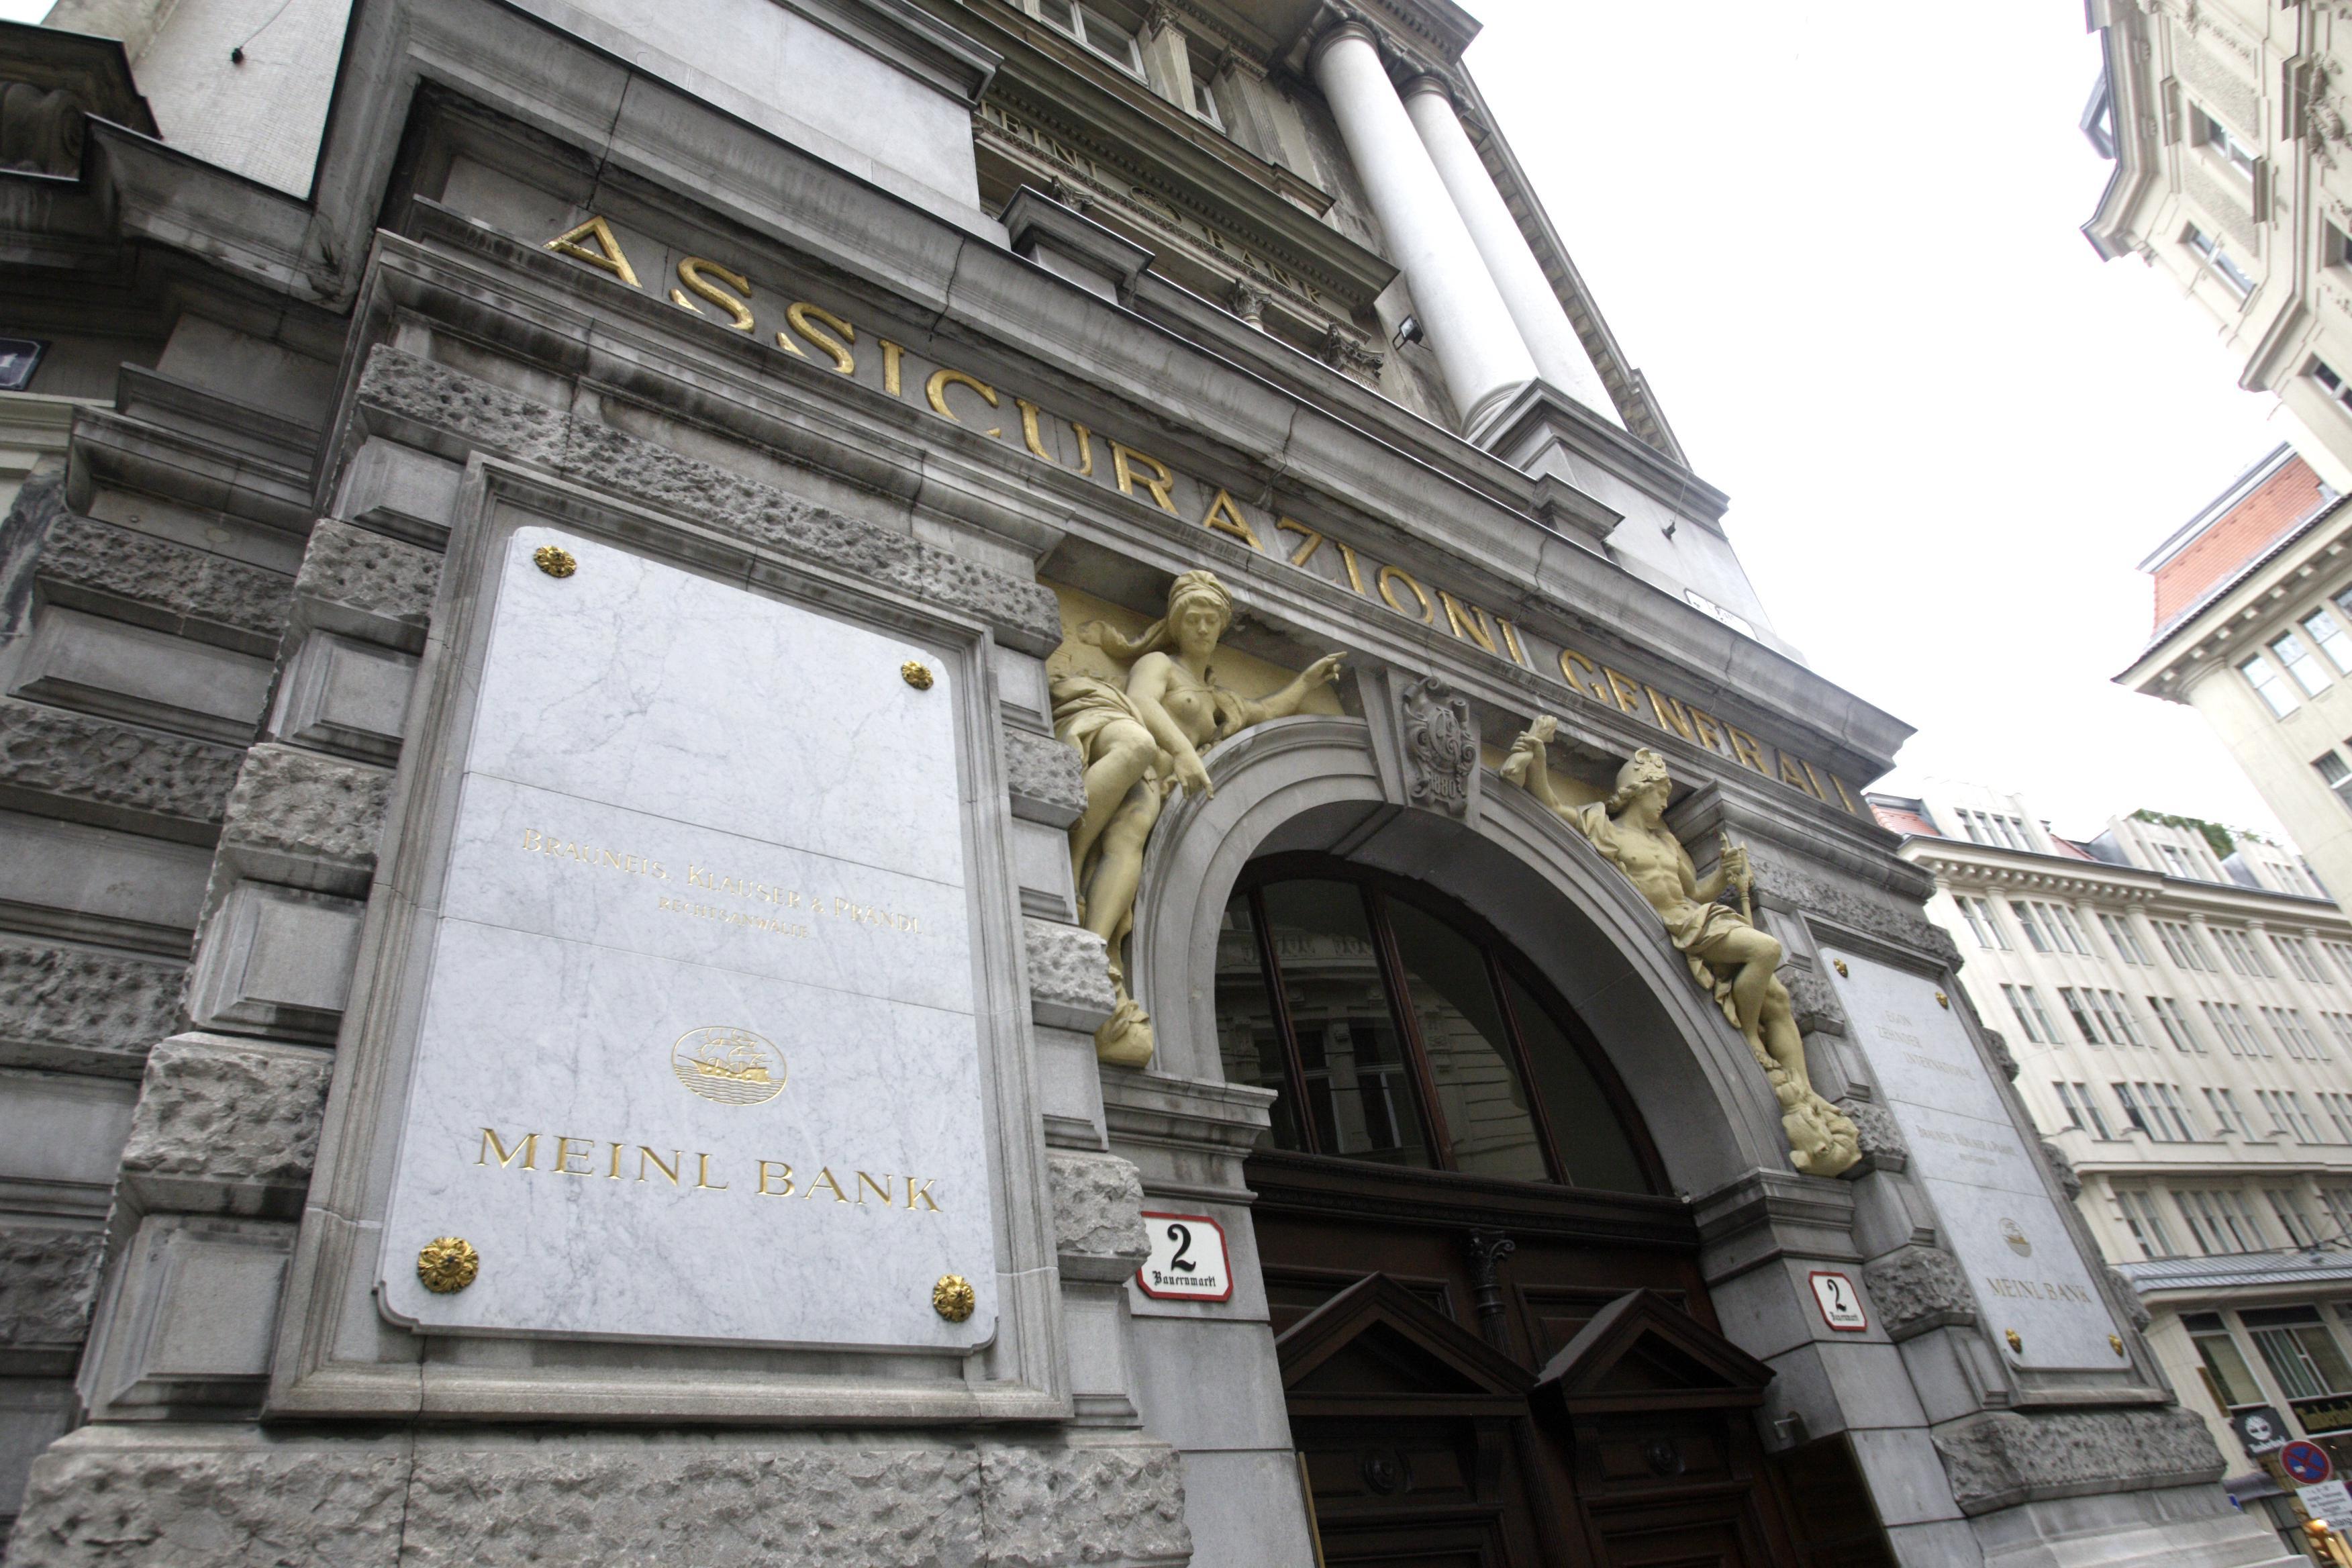 Meinl-Bank wird abgewickelt, Kunden heben ihre Einlagen ab